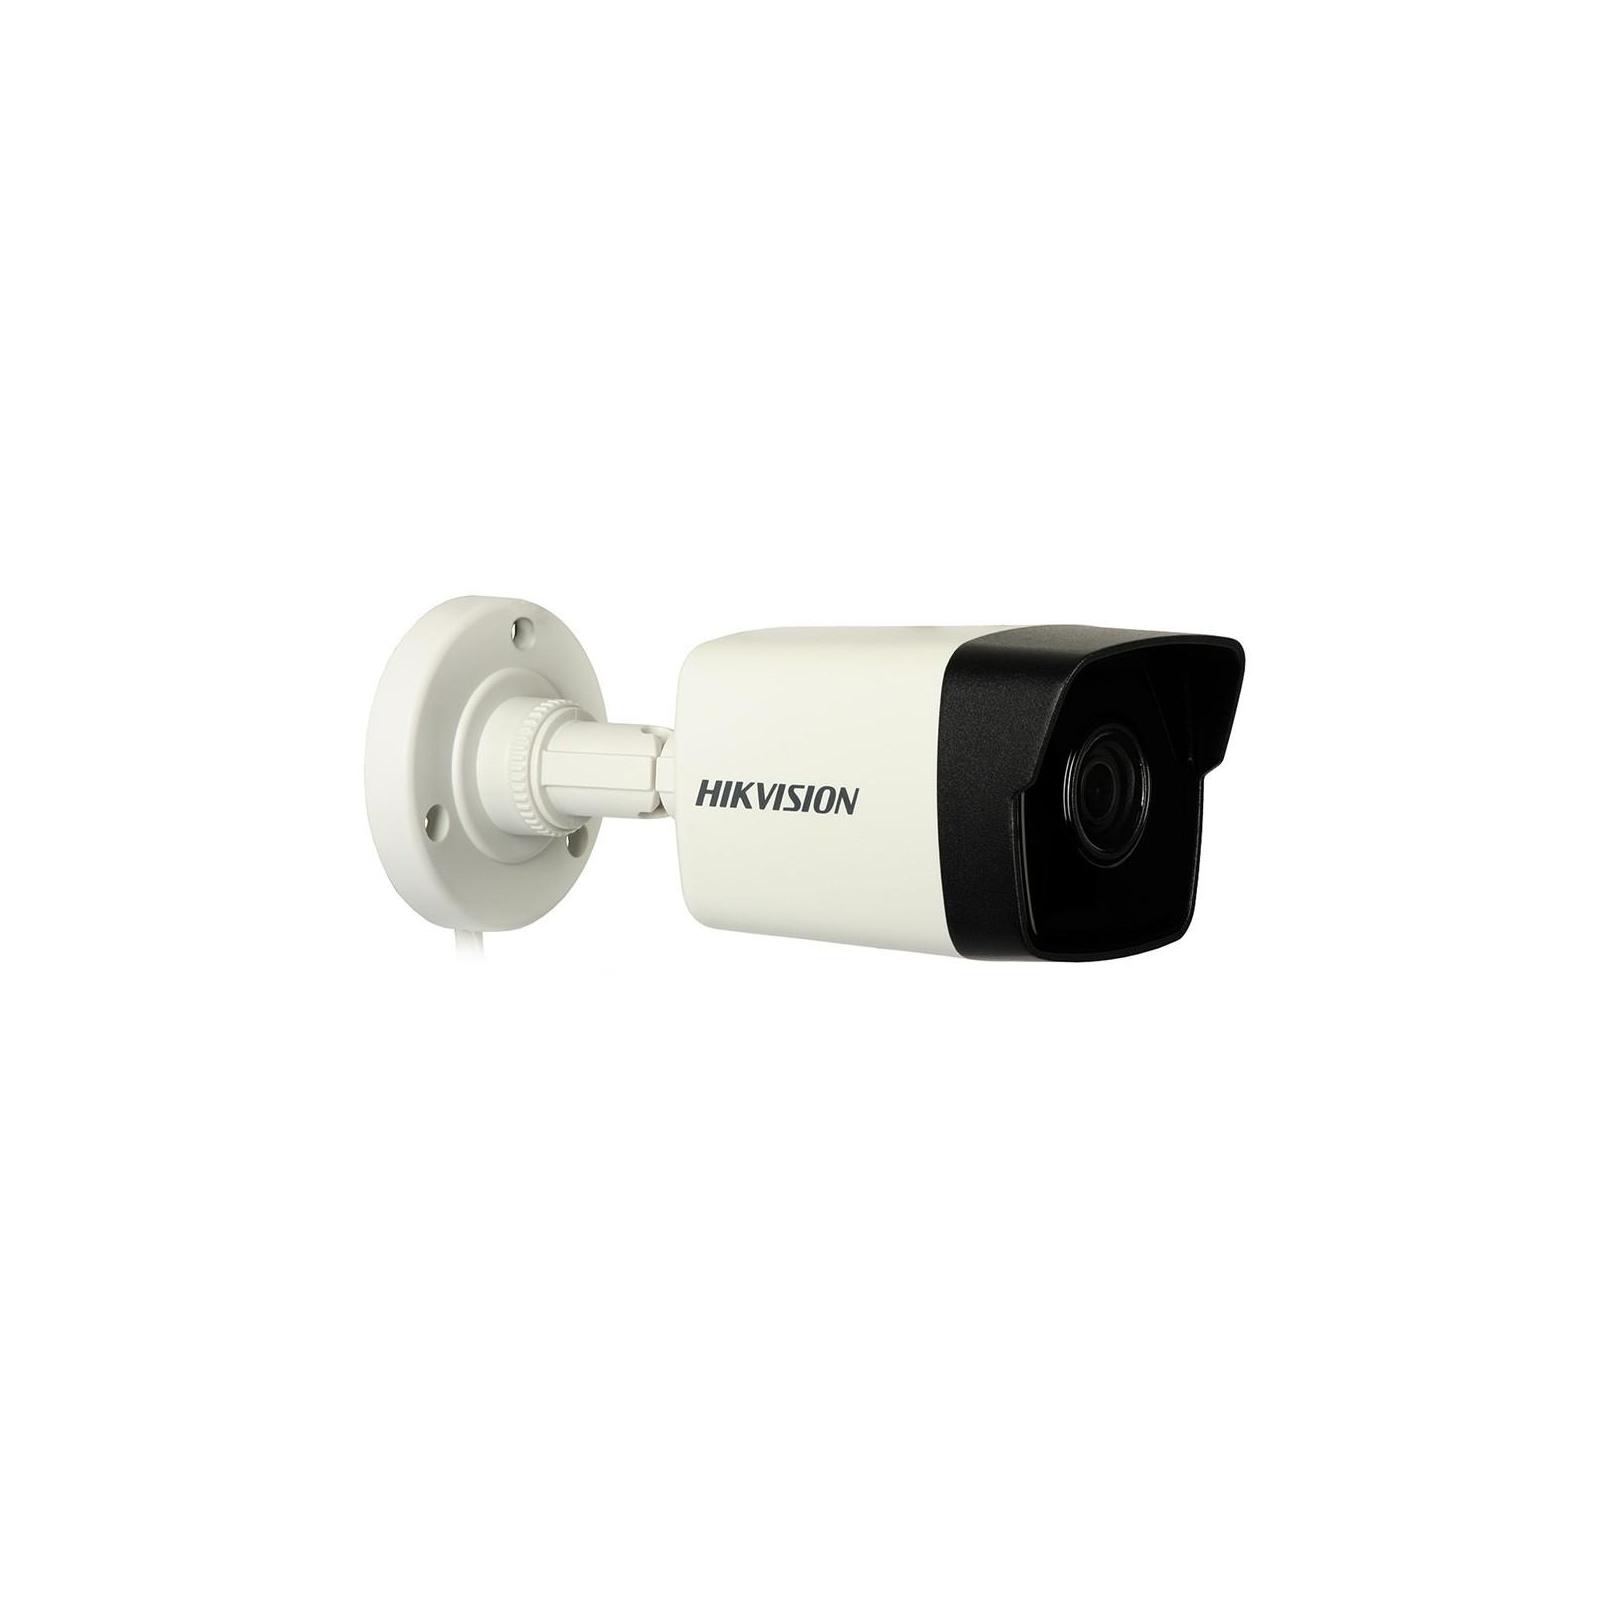 Камера видеонаблюдения HikVision DS-2CD1023G0-I (2.8) изображение 4